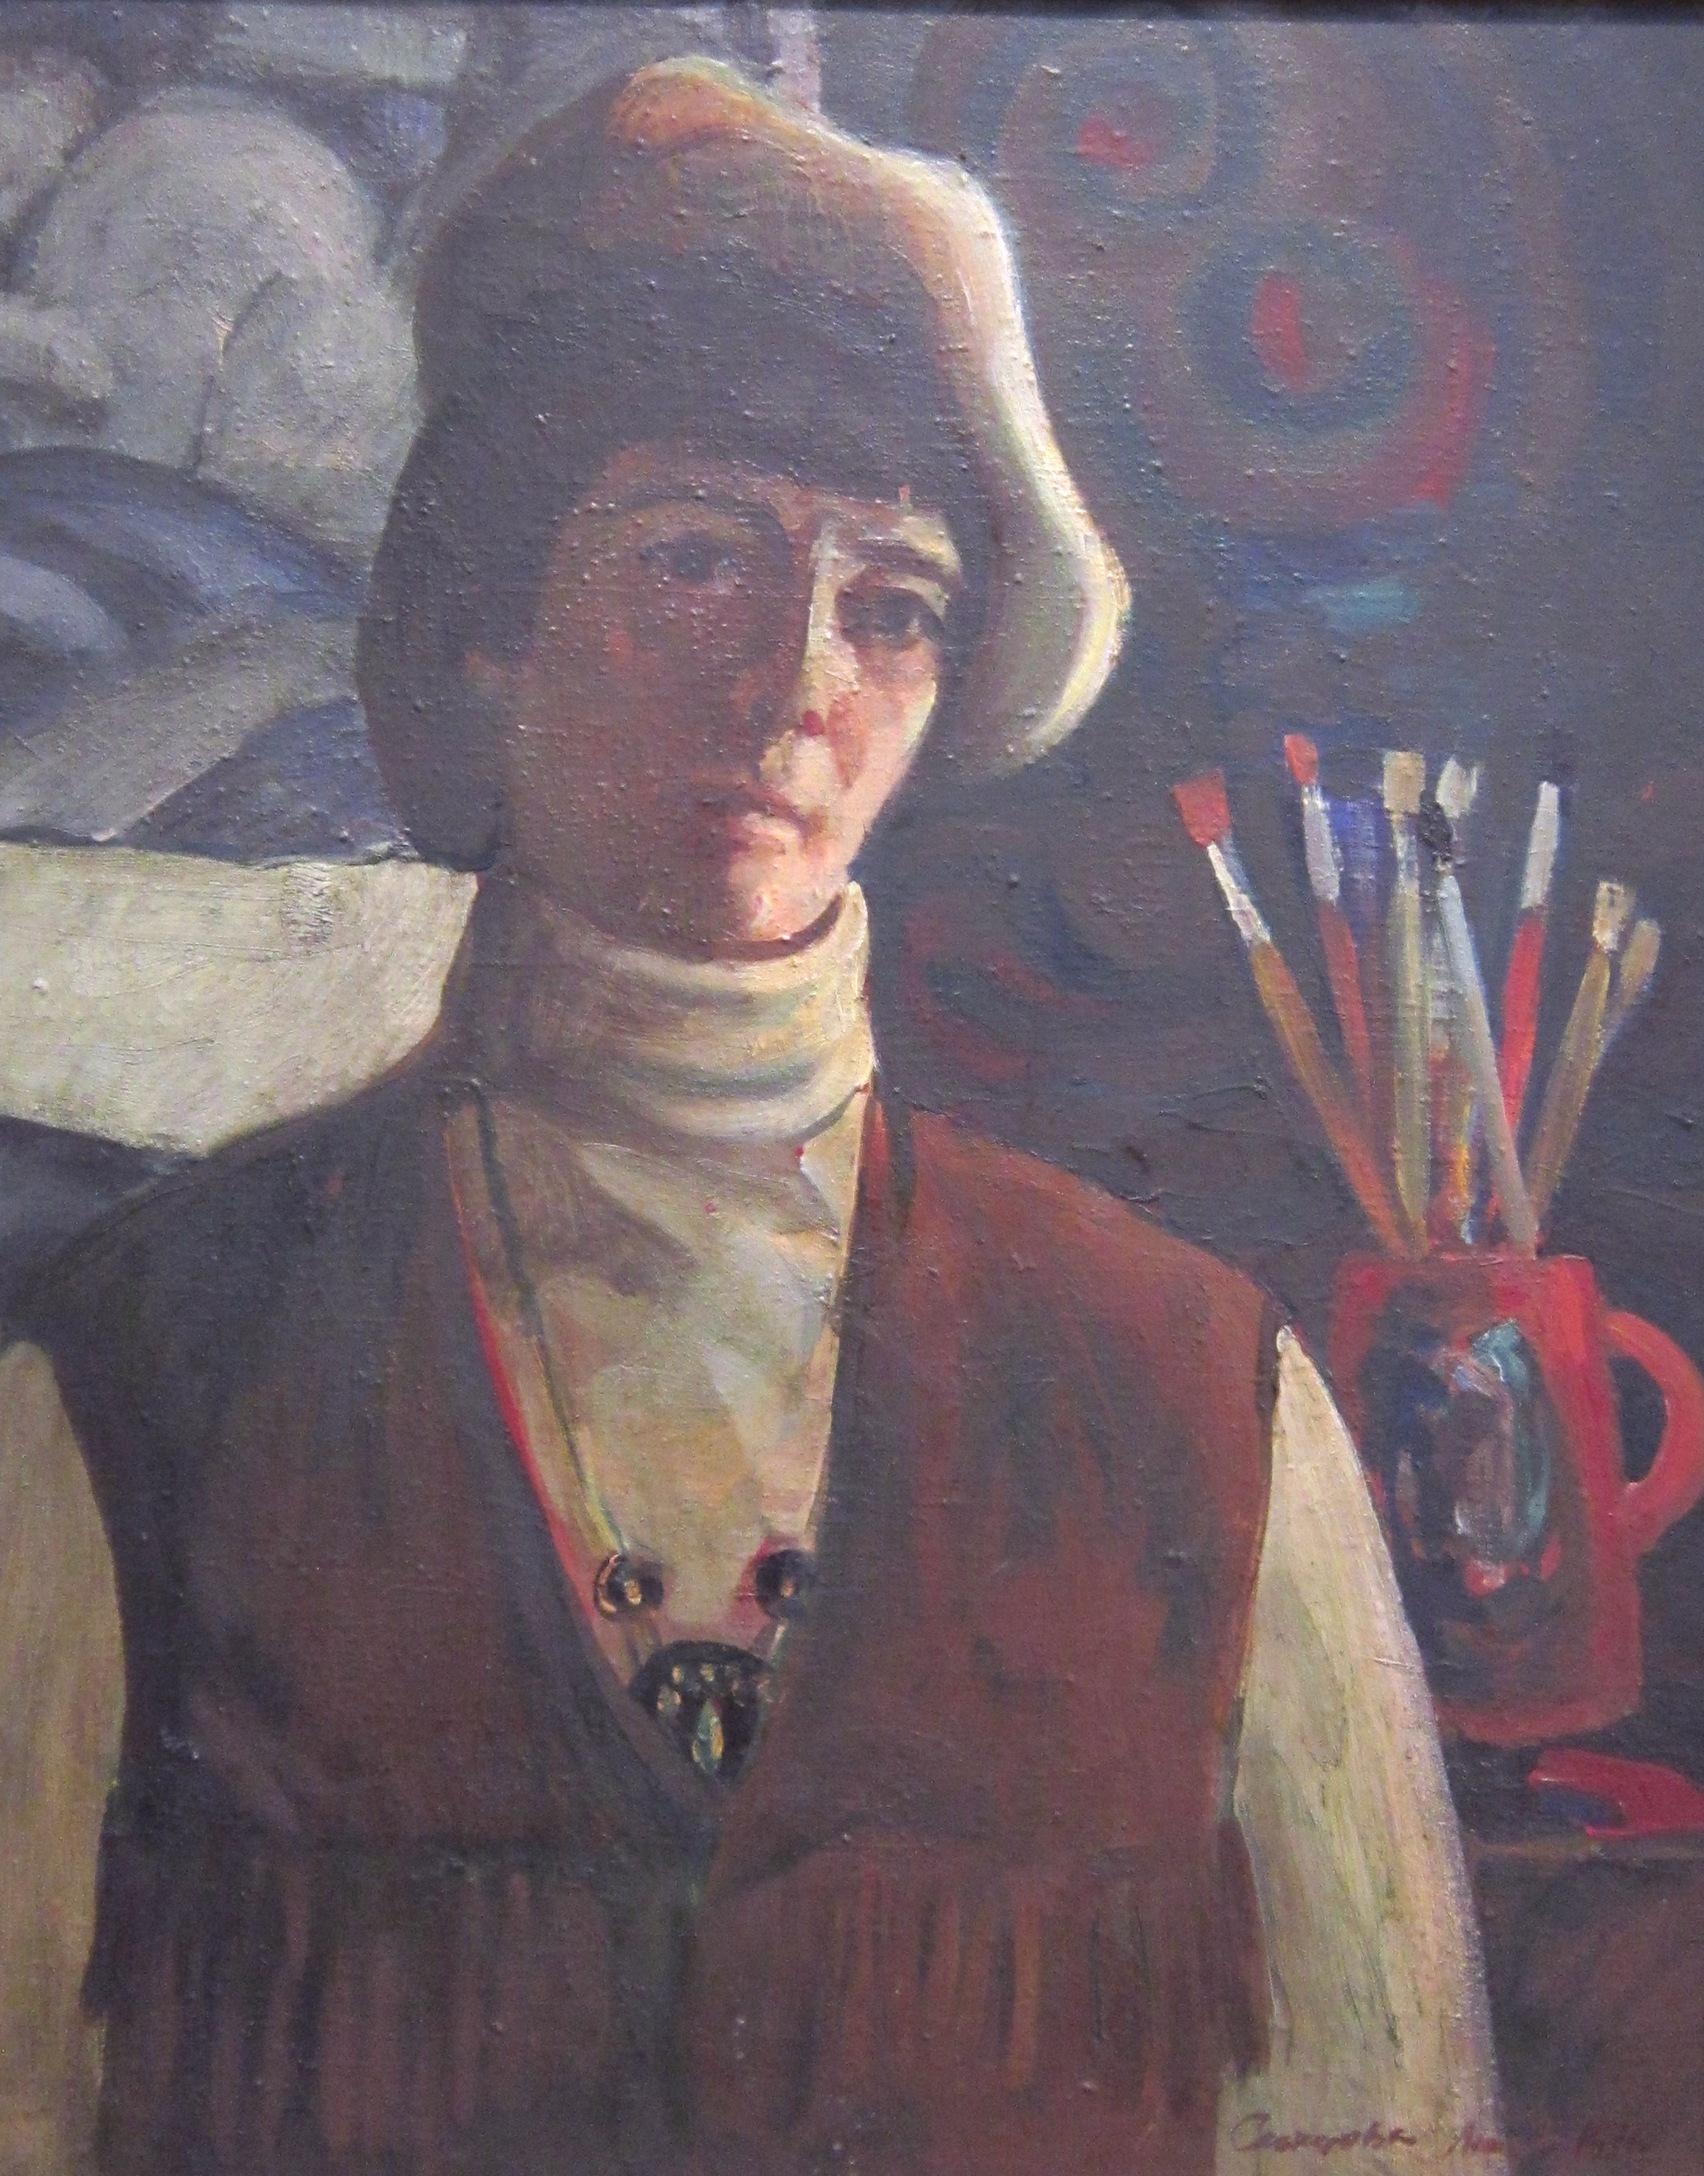 Людмила Савельевна Скопцова (1929-2005 гг.). Автопортрет. 1976 год.